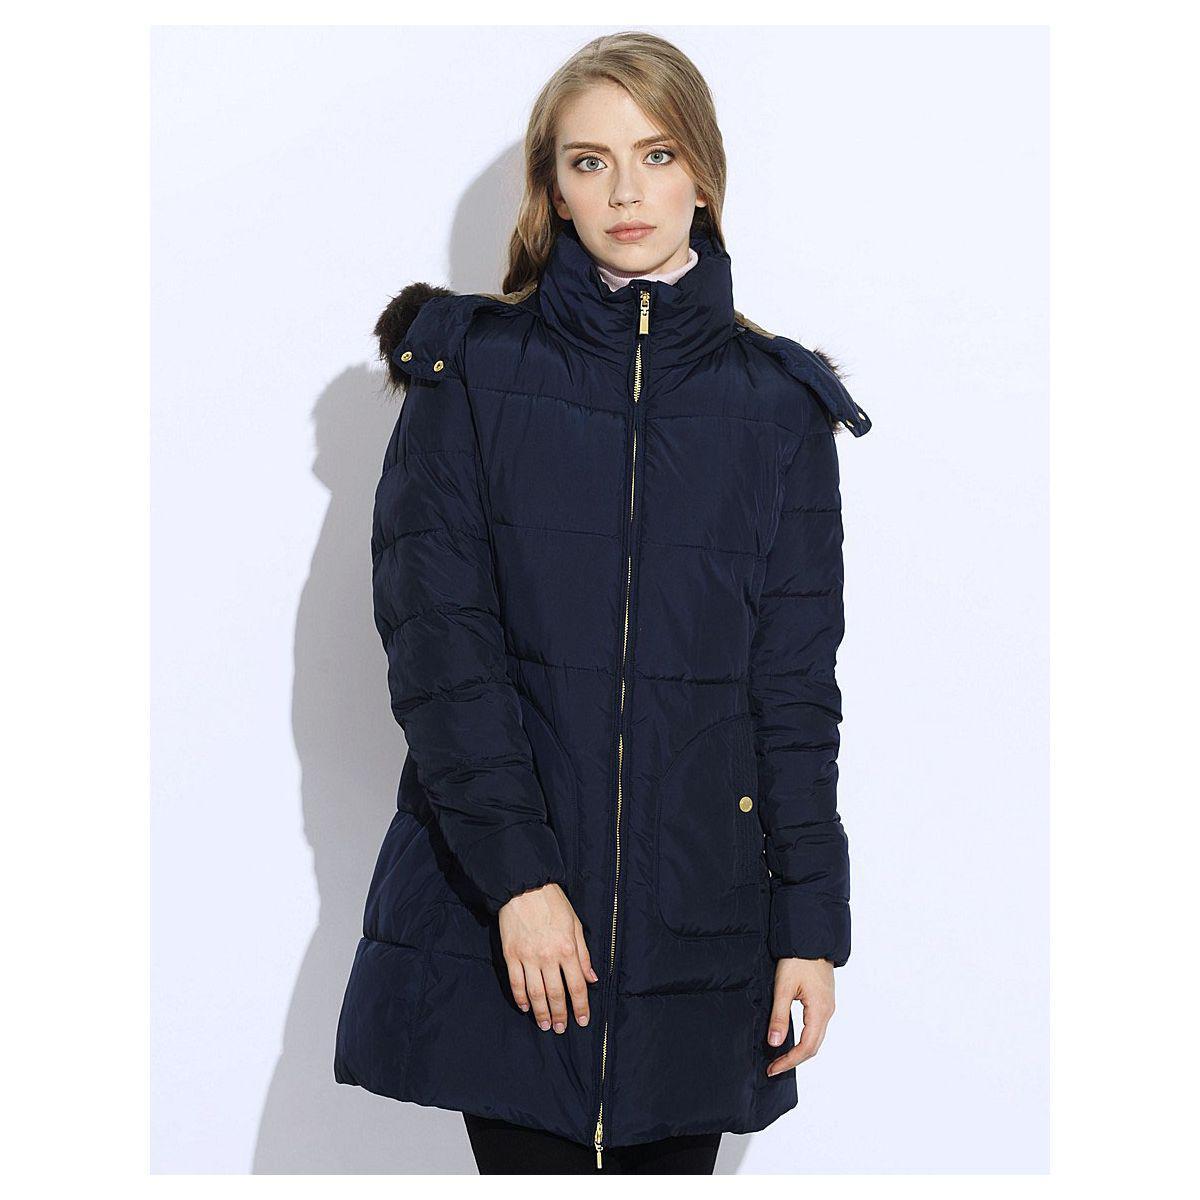 ca12ad719 Демисезонная женская куртка Geox W5428D DARK NAVY - Магазин распродаж  SuperStock.com.ua в